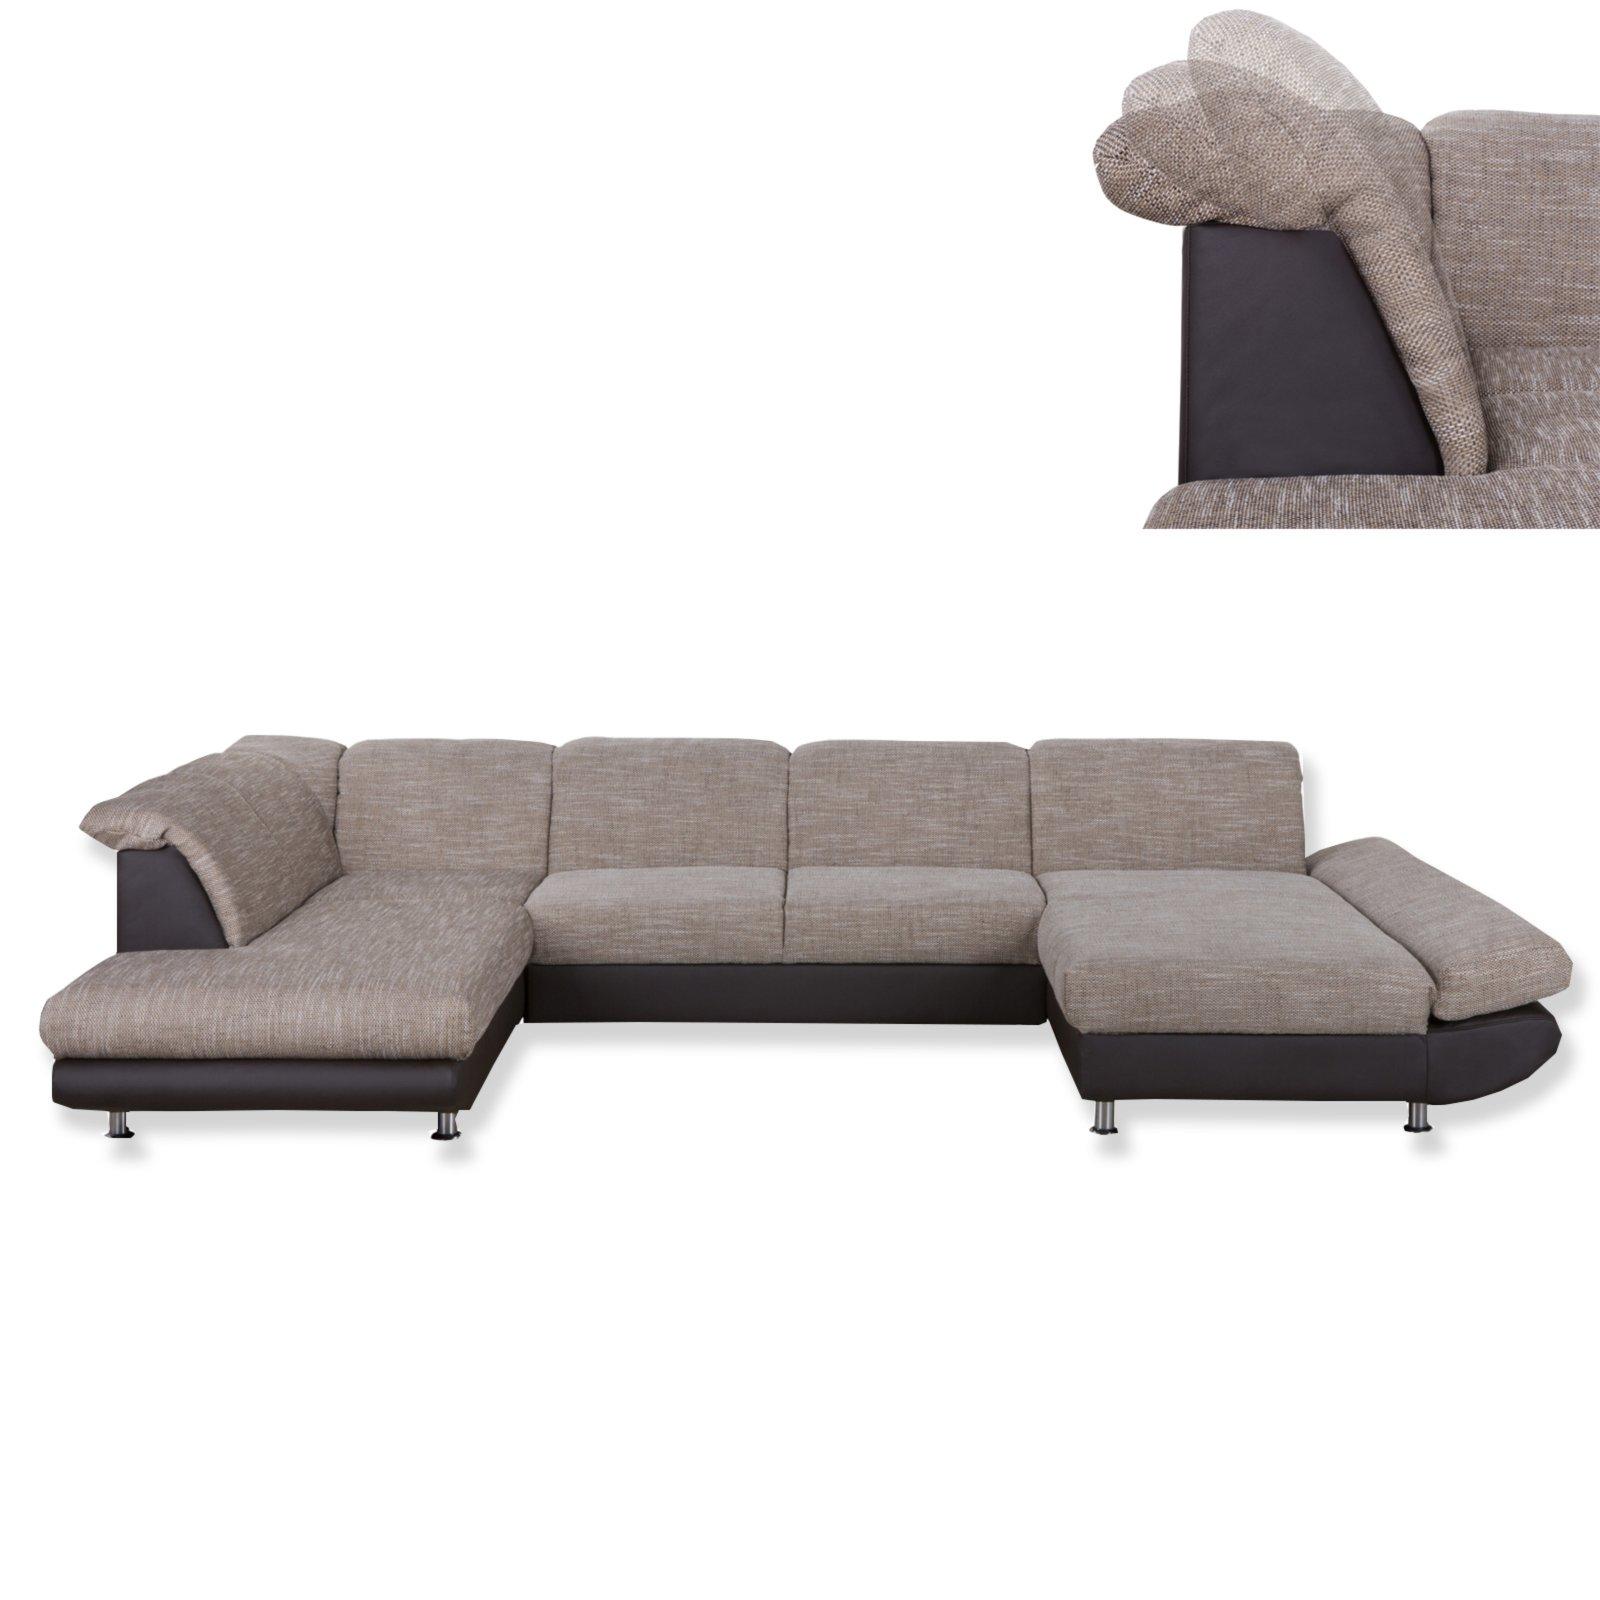 wohnlandschaft dunkelbraun beige mit funktionen. Black Bedroom Furniture Sets. Home Design Ideas